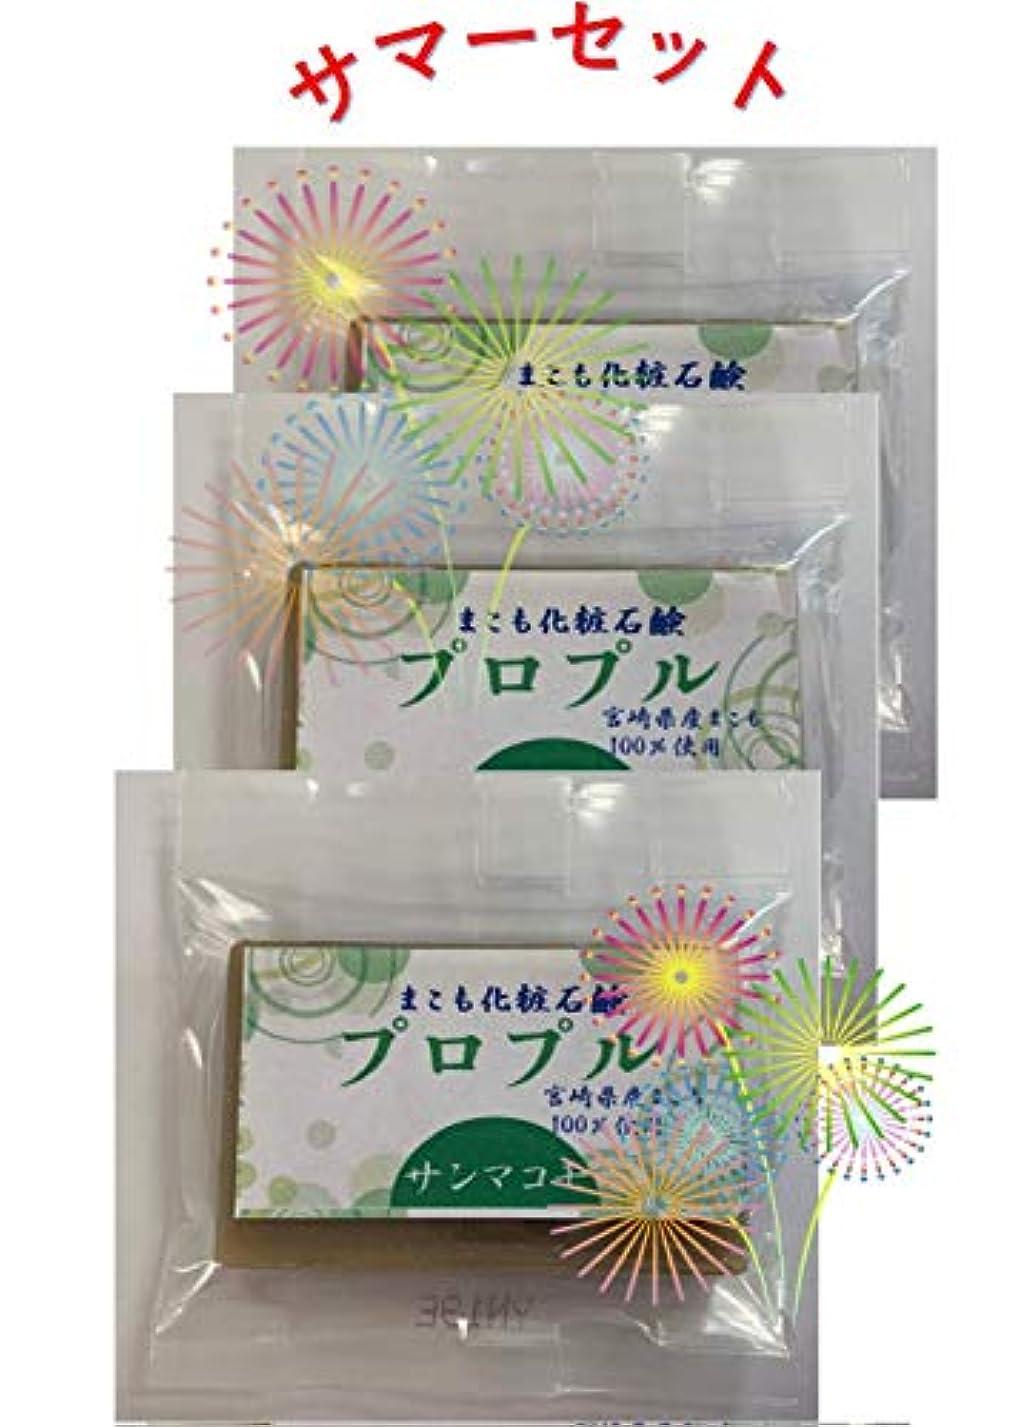 不純消毒する免除するまこも化粧石鹸 プロプル 15g 3個セット